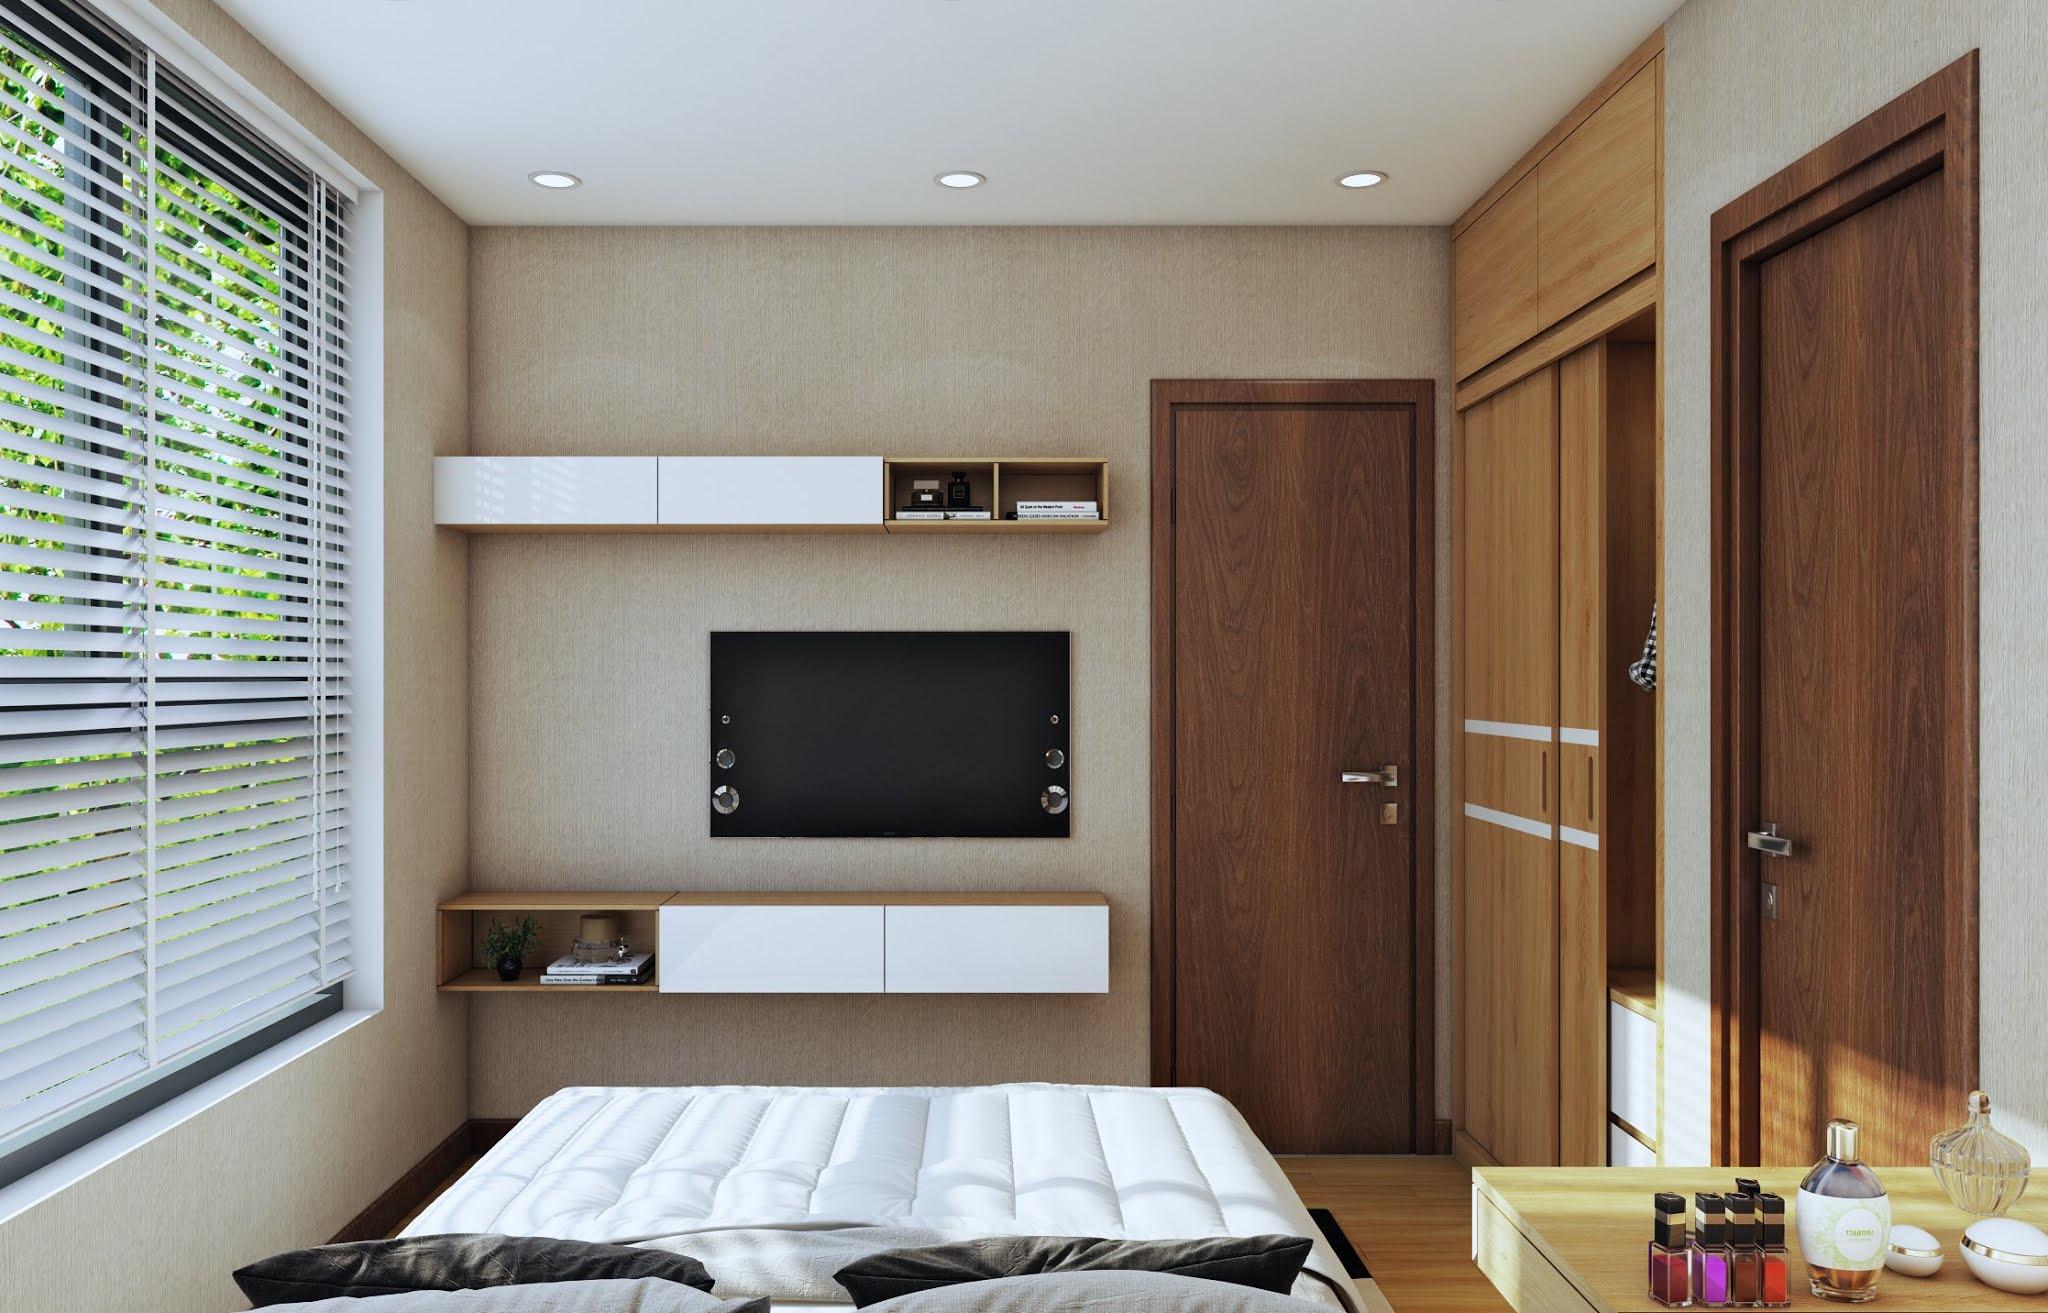 Nội thất phòng ngủ chính Bcons Suối Tiên